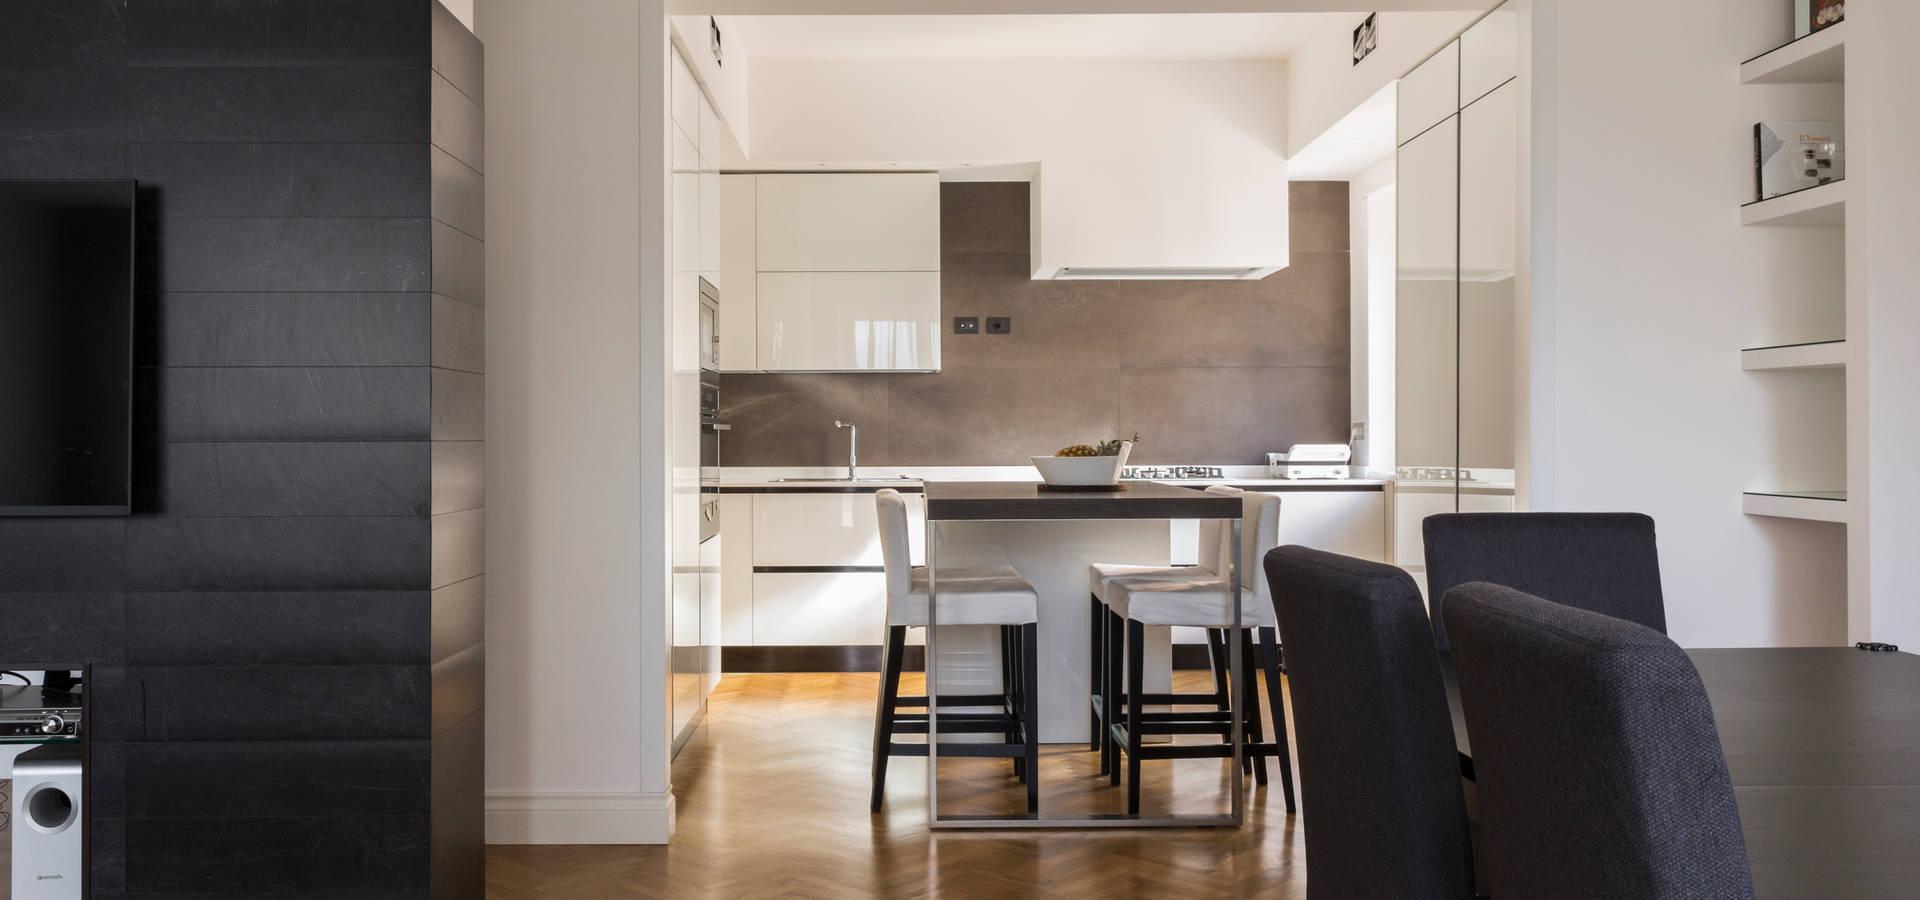 a2 Studio  Borgia – Romagnolo architetti